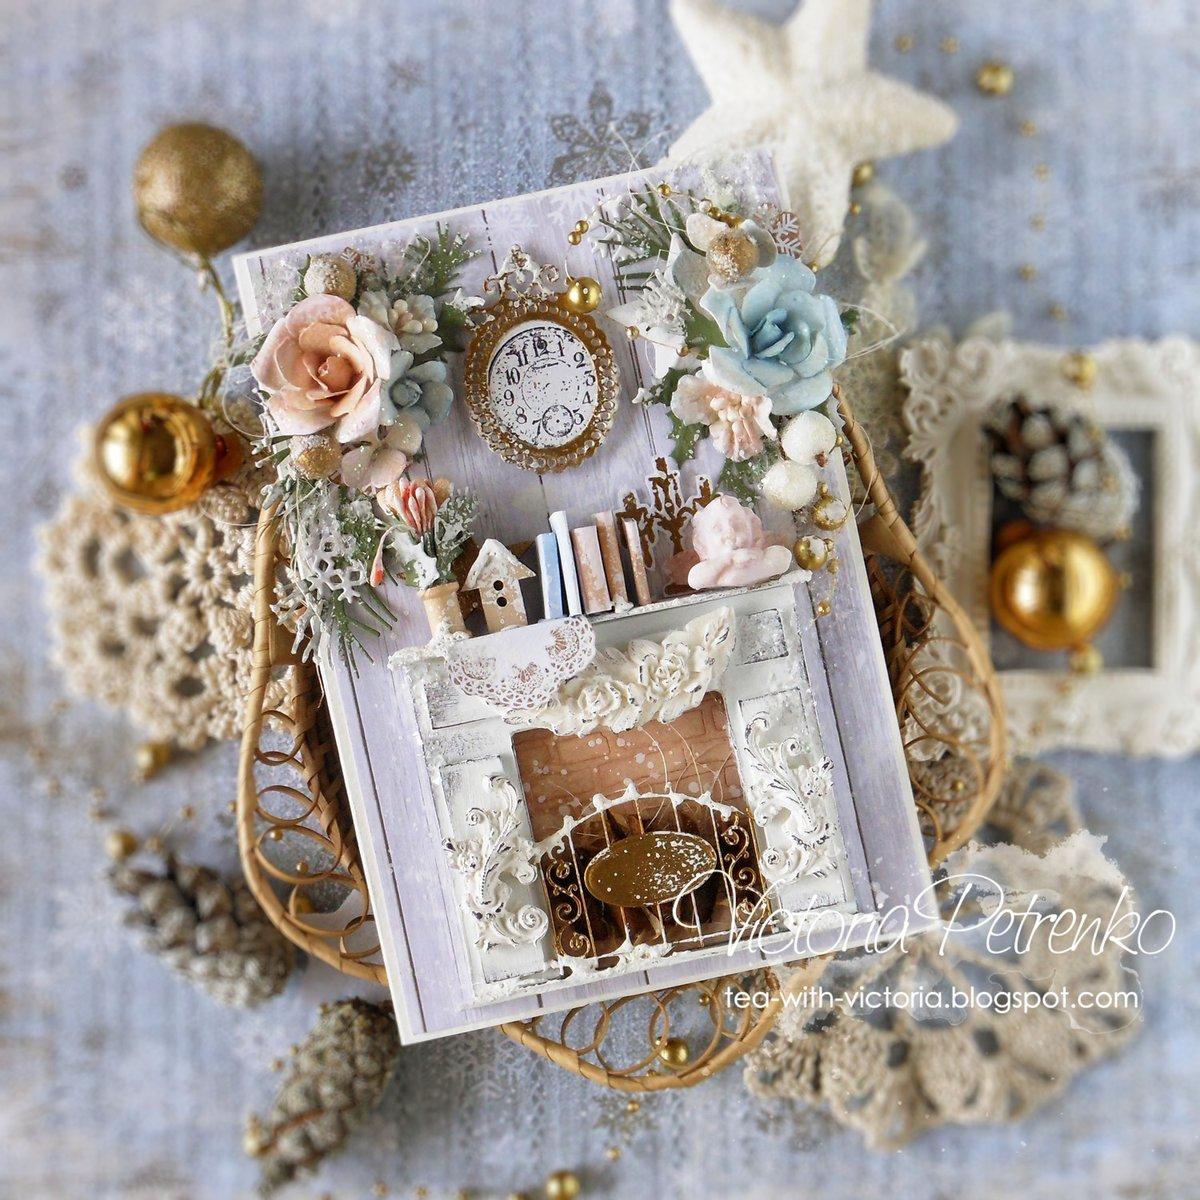 Нарисовать открытку, новогодние скрап открытки ярмарка мастеров